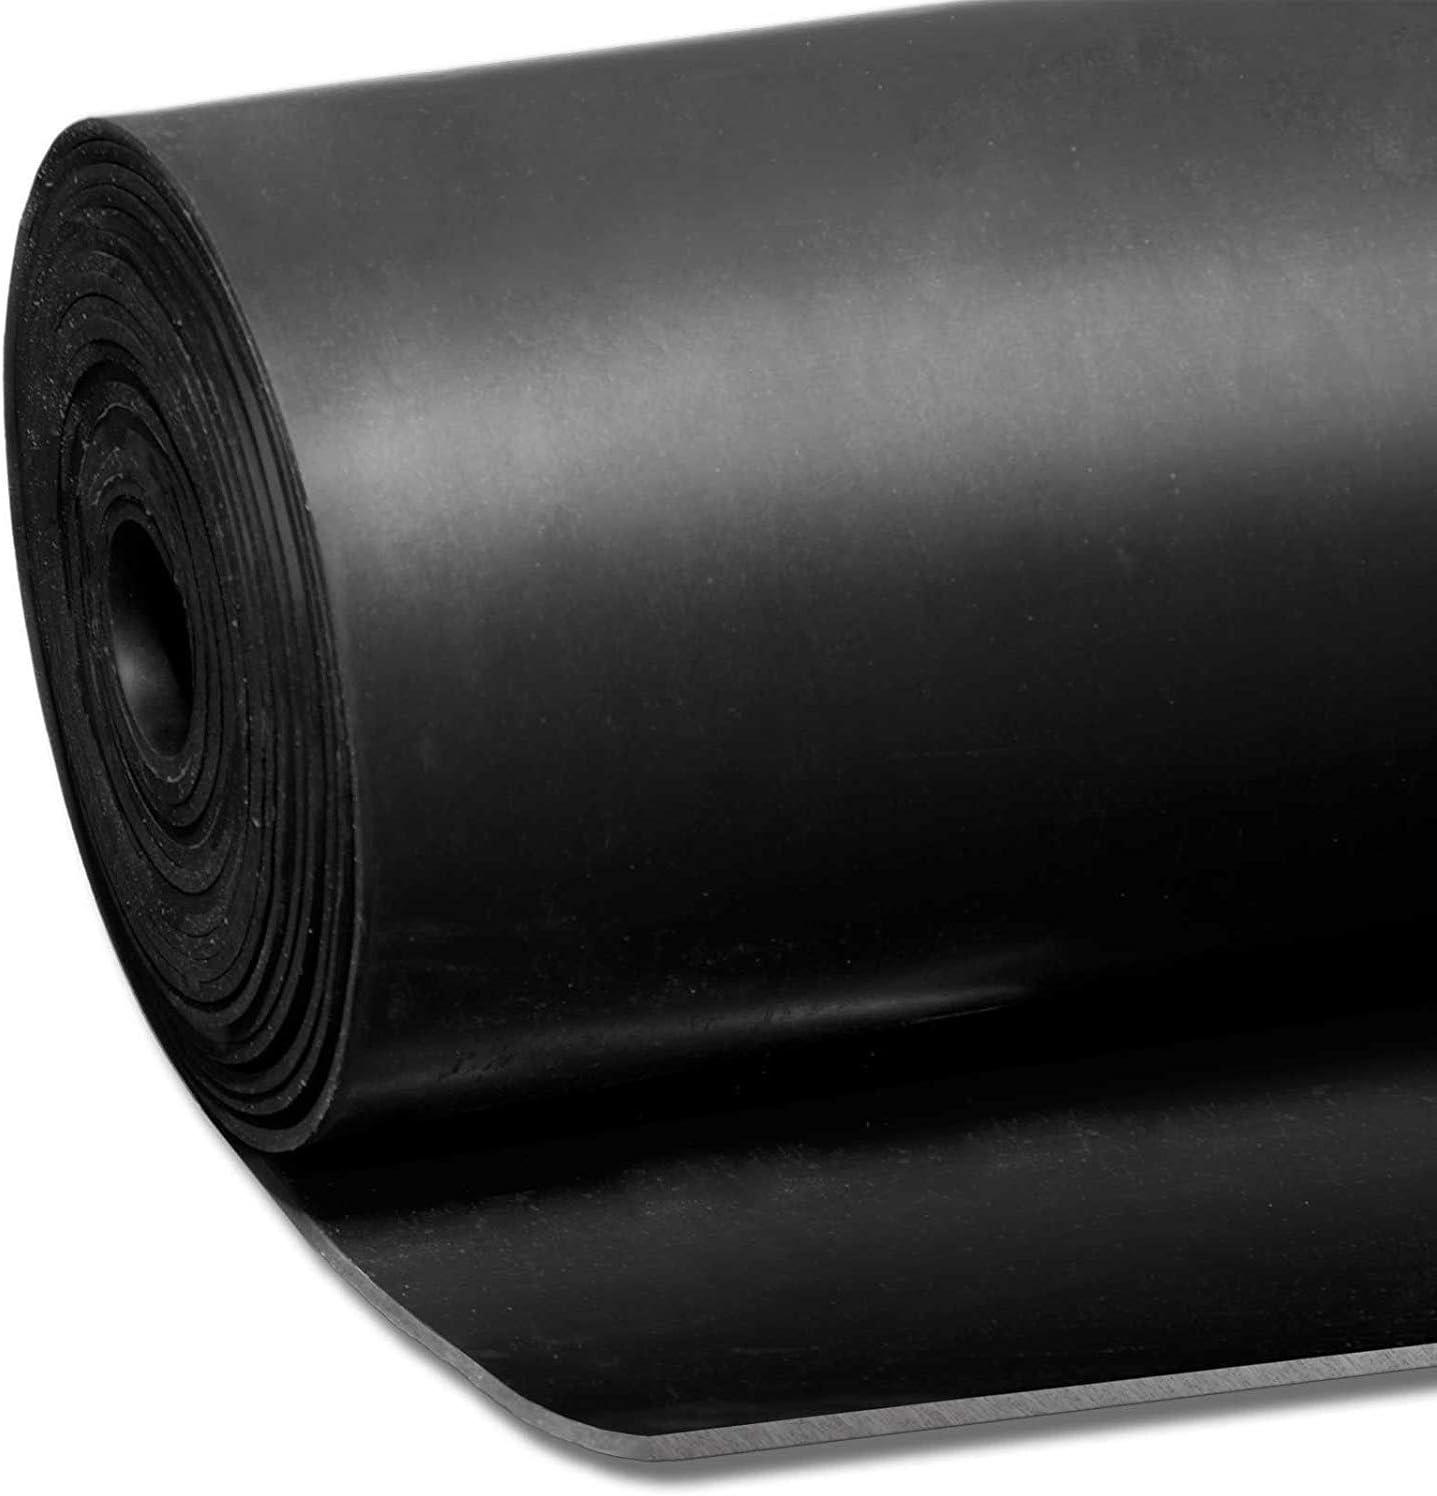 9 Epaisseurs au m/ètre Epaisseur 1mm 120x100 cm Garage Palette Feuille de Caoutchouc NR//SBR Plaque en Caoutchouc pour Projet Bricolage Rouleau Caoutchouc Antid/érapant